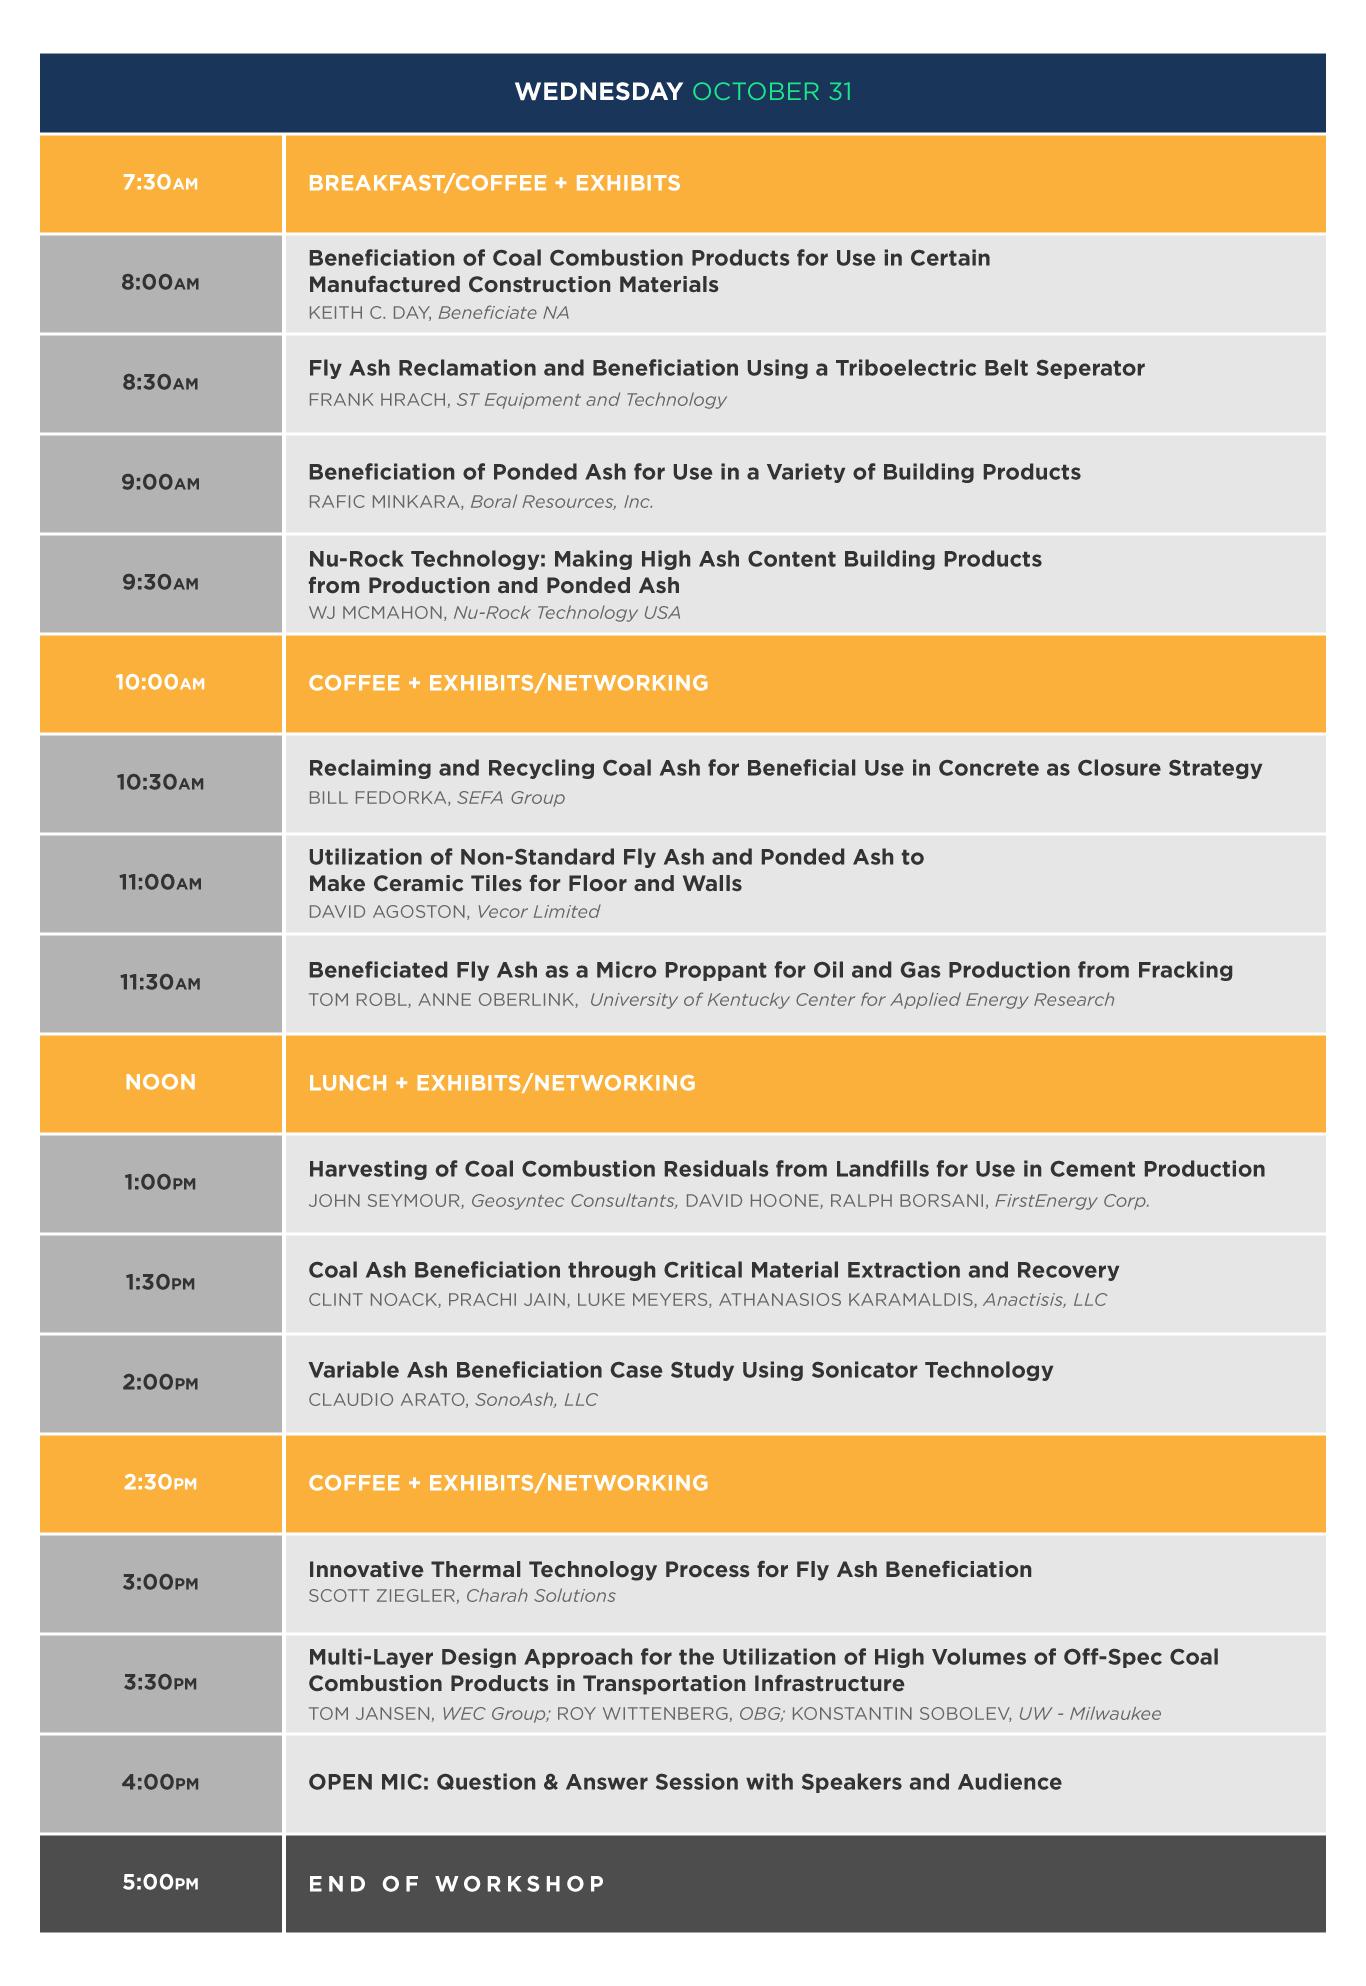 louisville-workshop-agenda-10-10-18